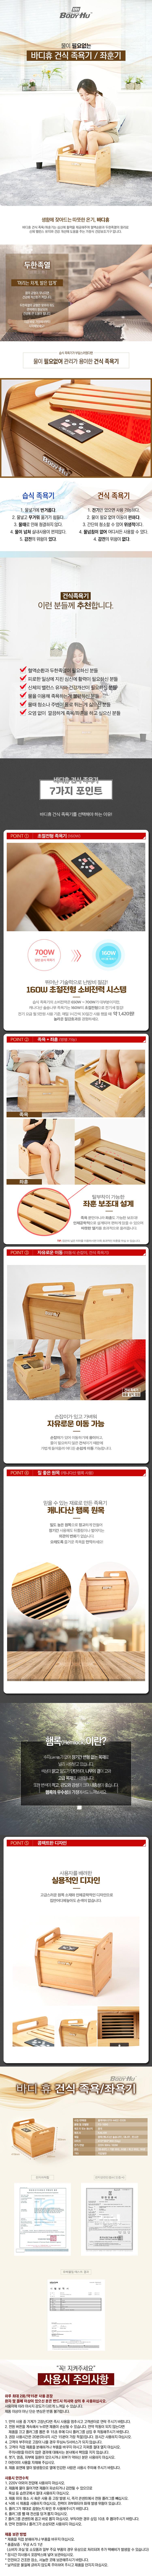 바디휴 건식 족욕기 좌훈기 - 홈케어, 149,000원, 안마기, 부분 안마의자